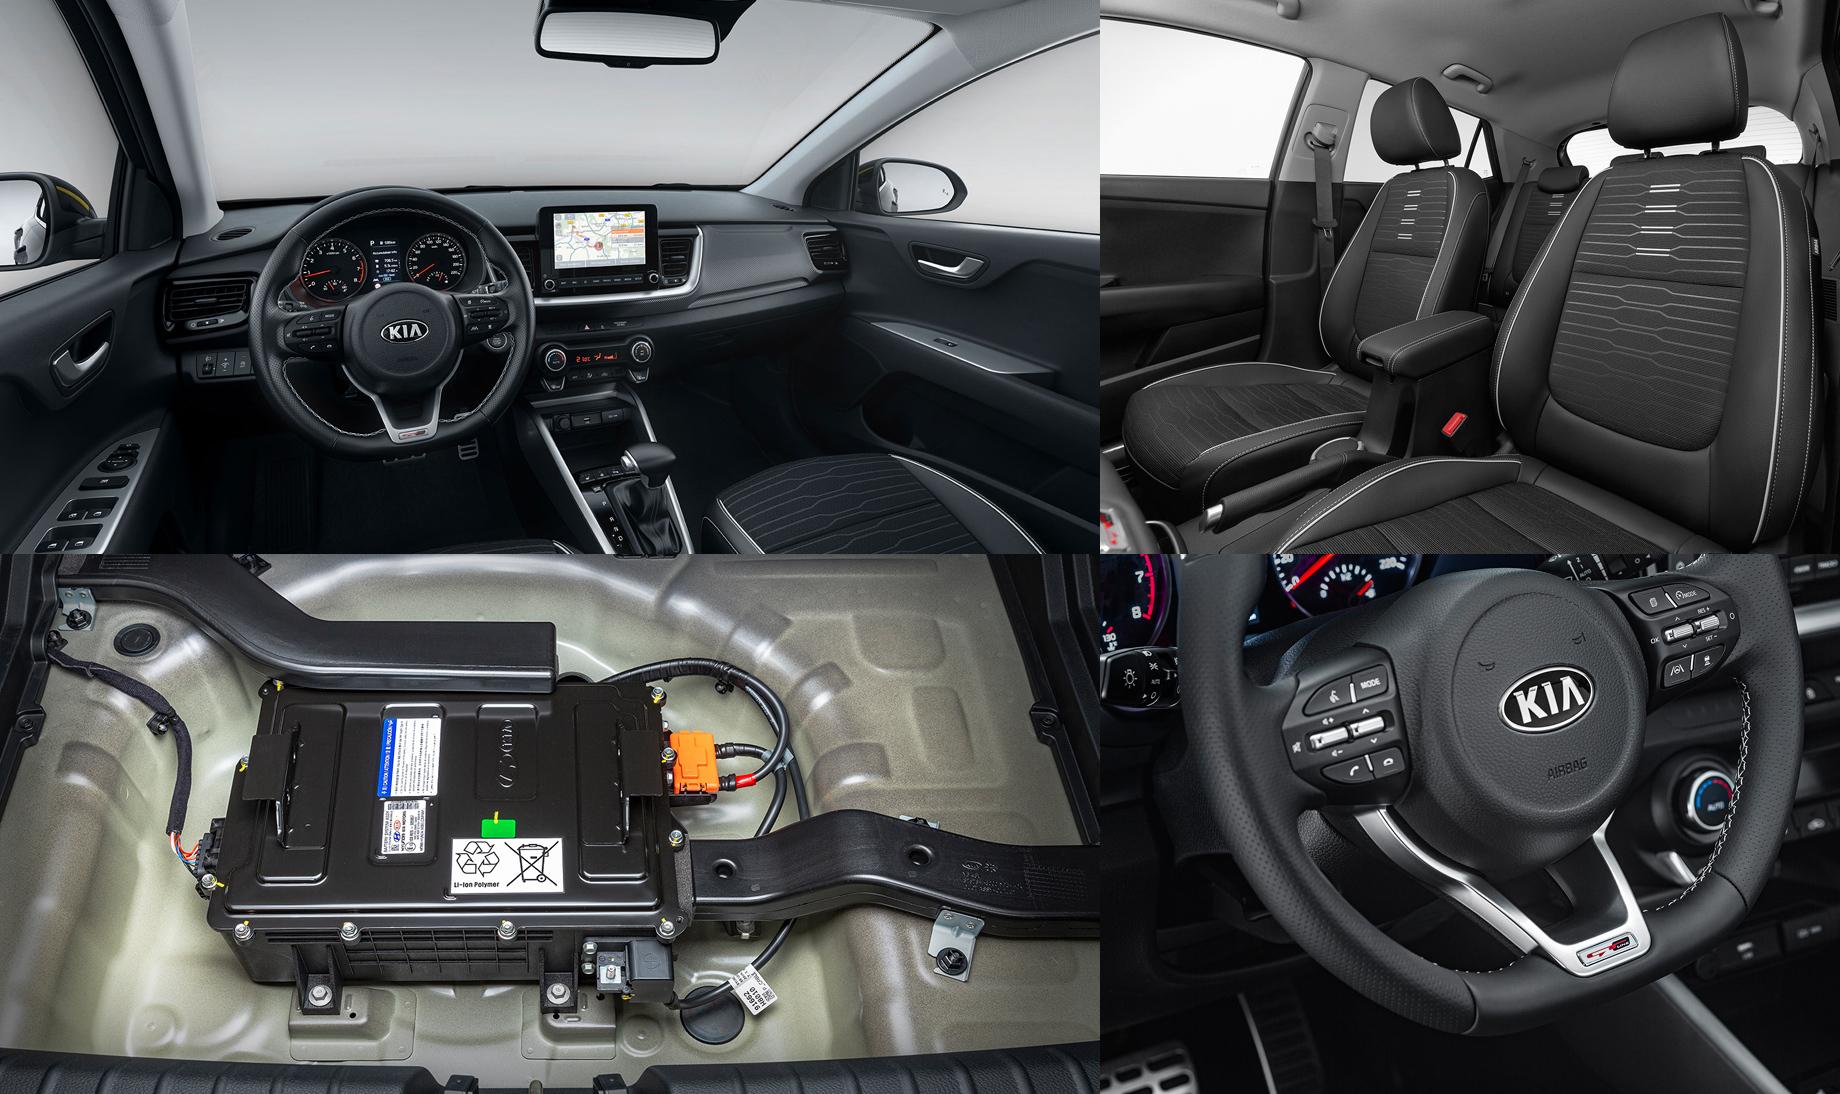 Версия Kia Stonic GT Line прибавила субкомпакту яркости